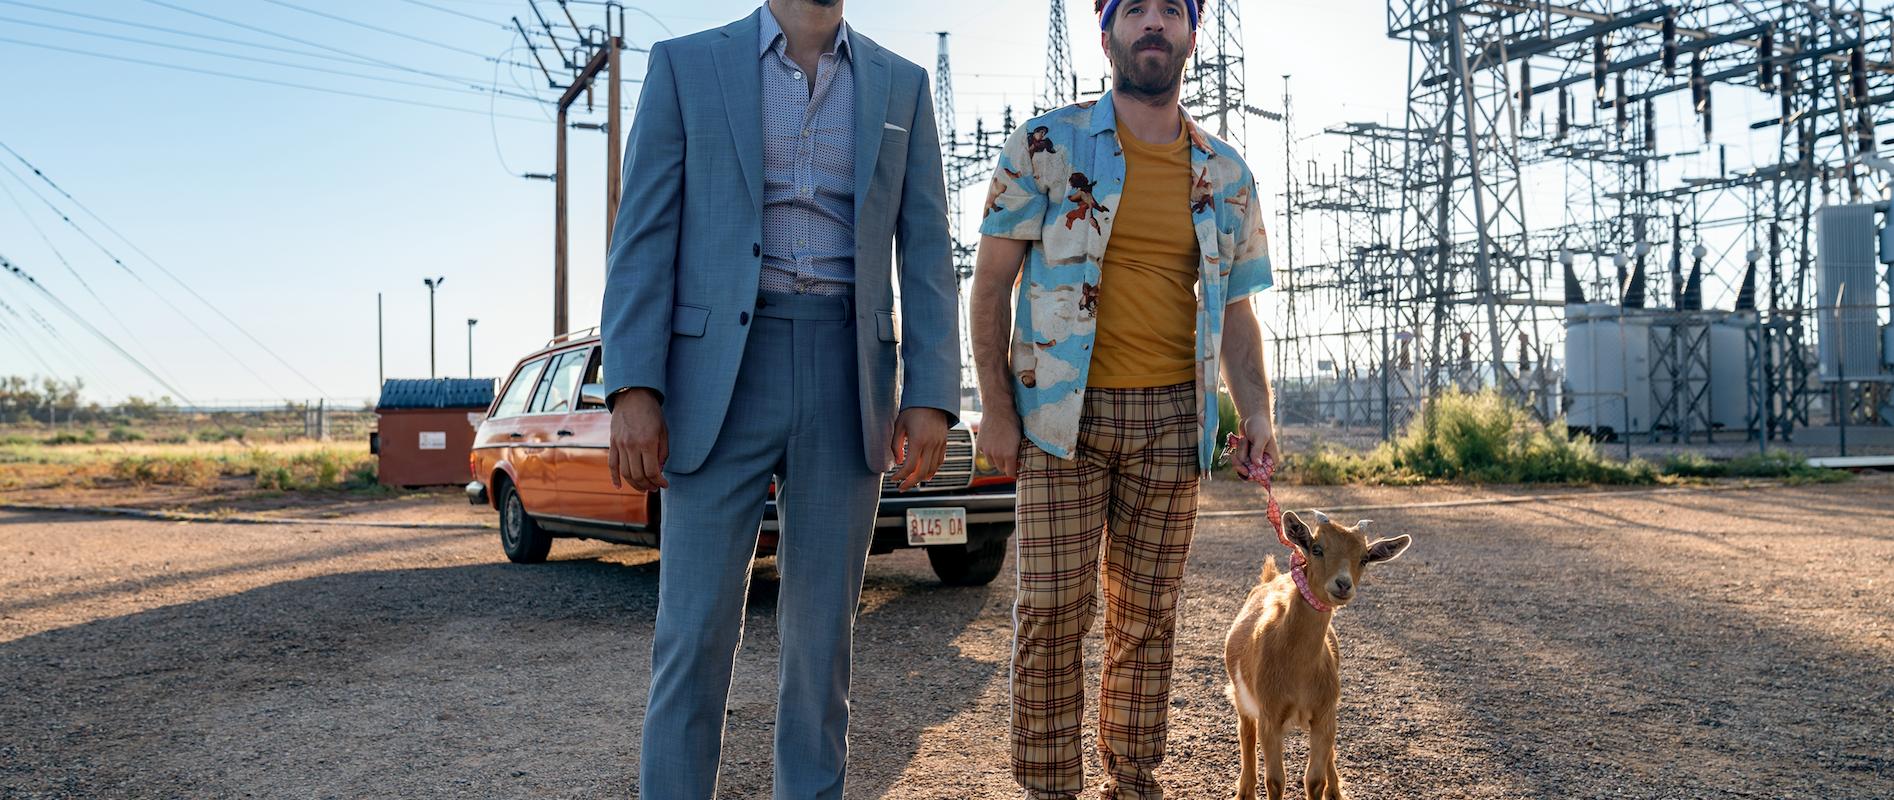 Mexicano sobresale en Hollywood: protagoniza y produce el filme Medios Hermanos